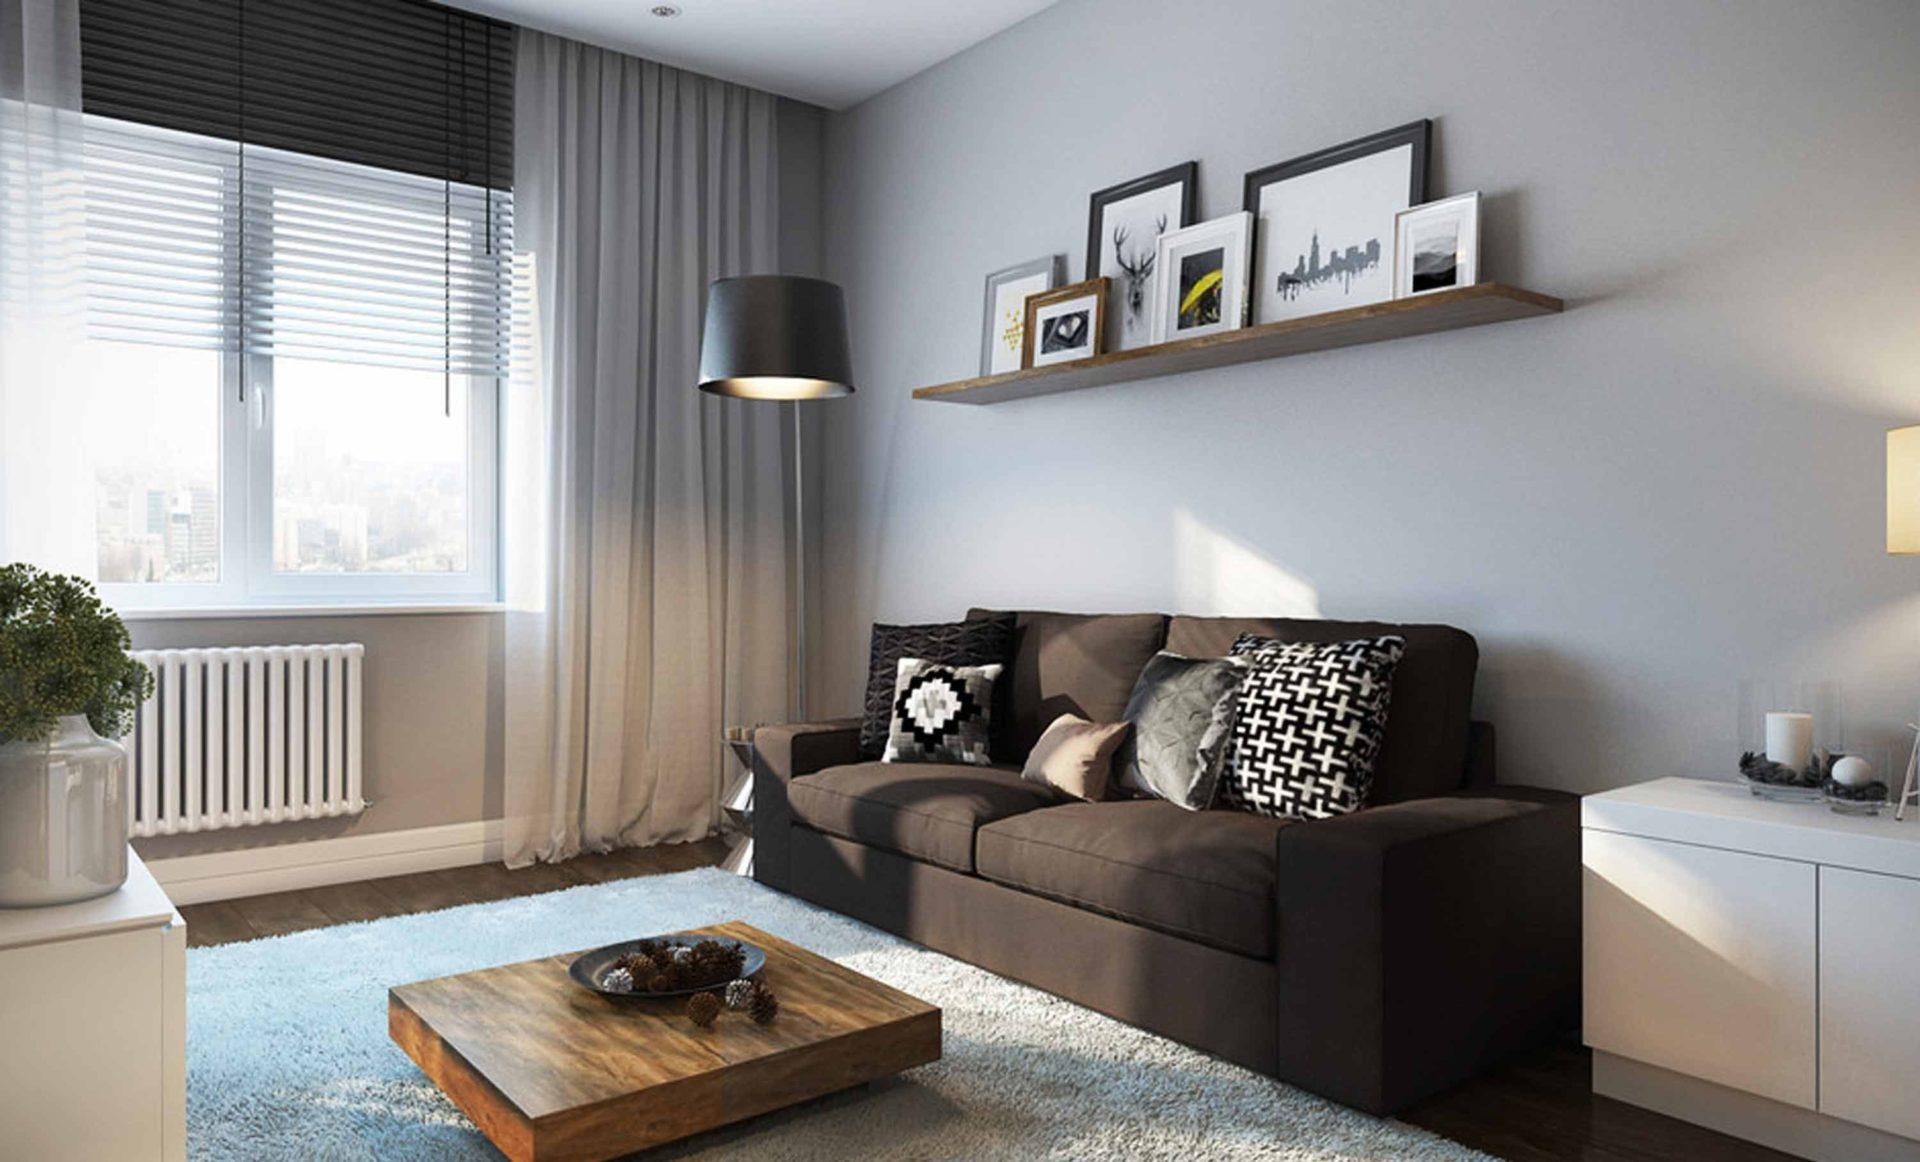 Стоимость ремонта однокомнатной квартиры в домах серии п 44.